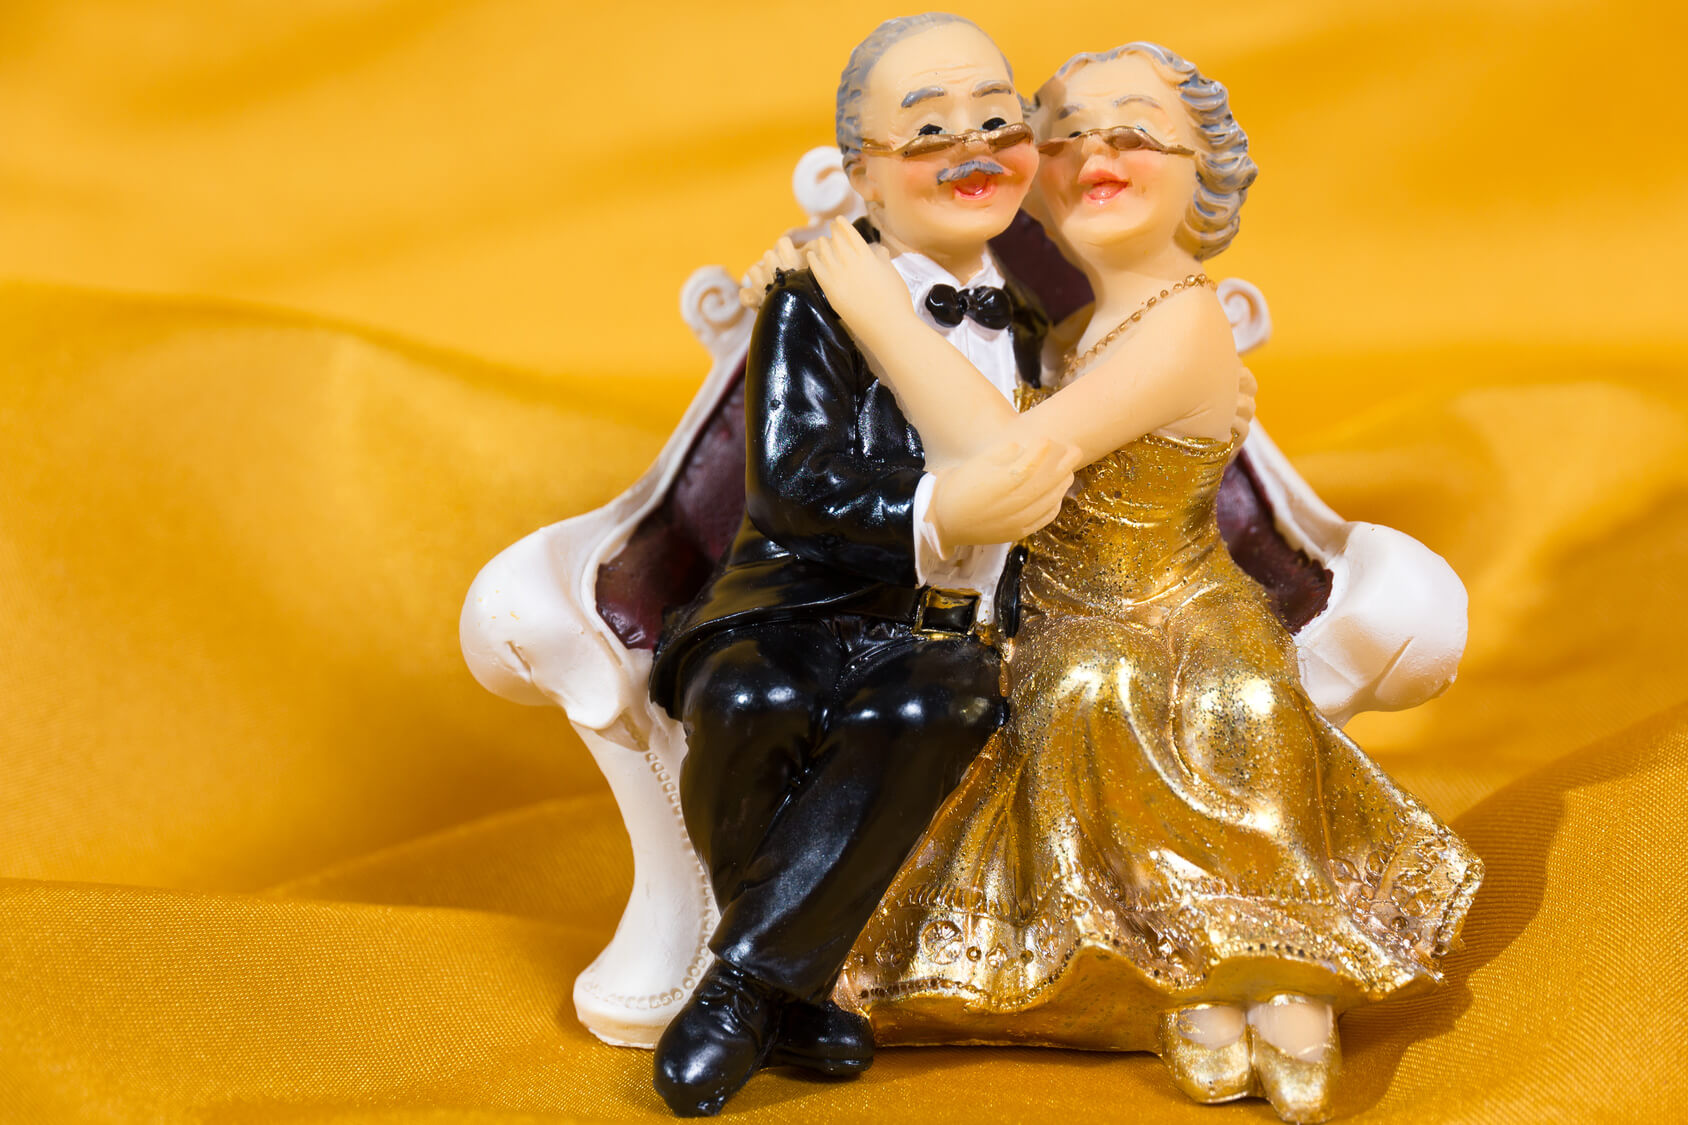 Matrimonio O Que é : Filho bastardo conceito o que é significado